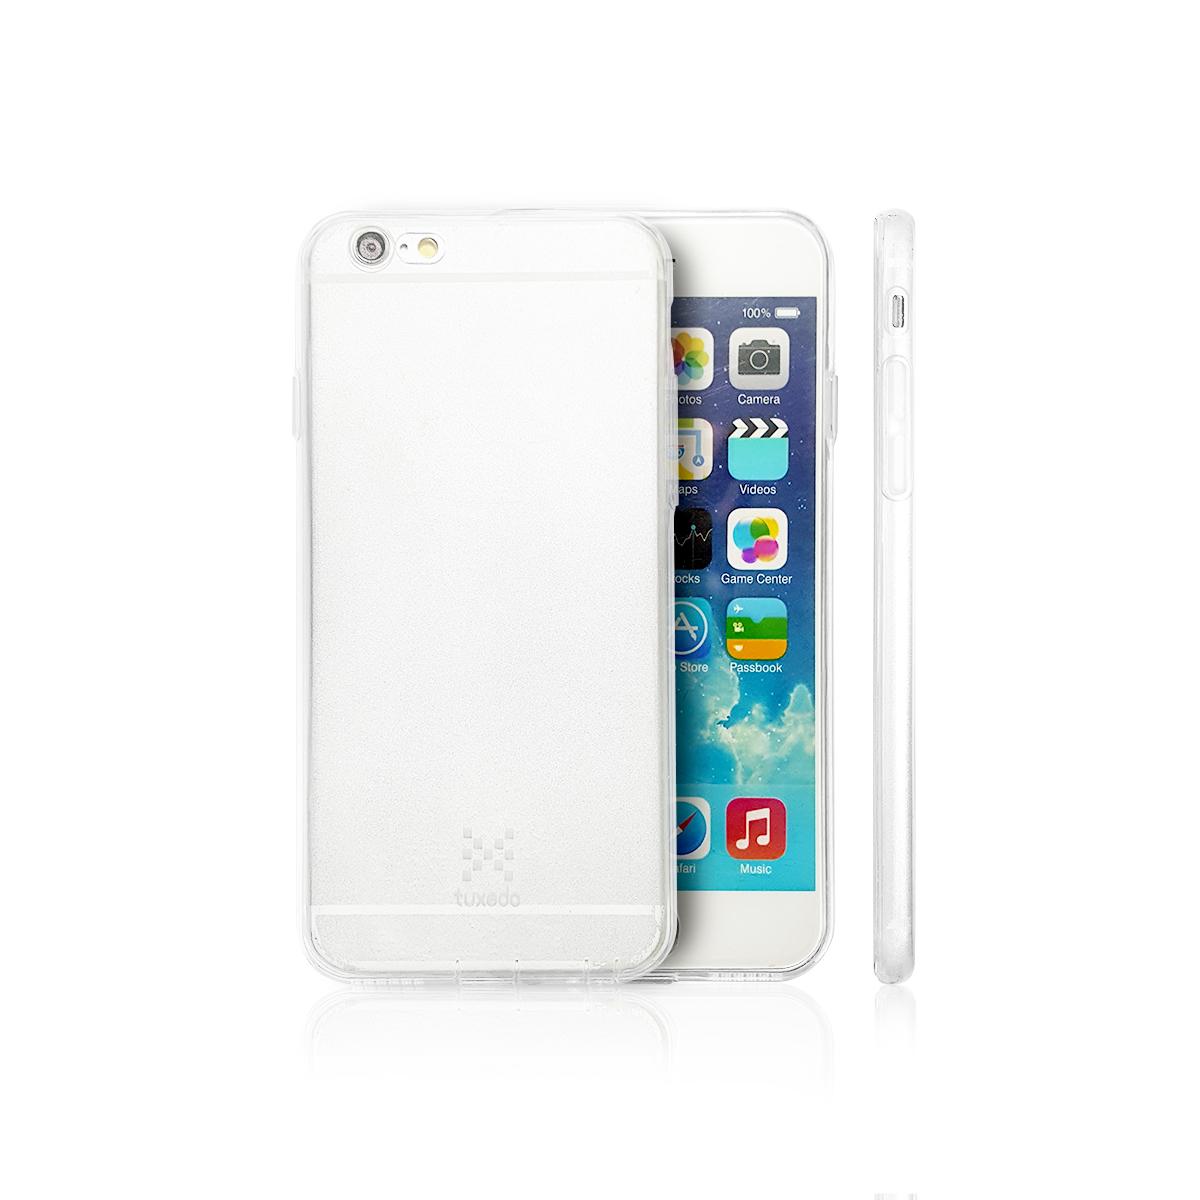 Ốp lưng iPhone 6/6S, Tuxedo AirSkin (nhựa TPU cao cấp, trong suốt, mềm mại, chống va đập)